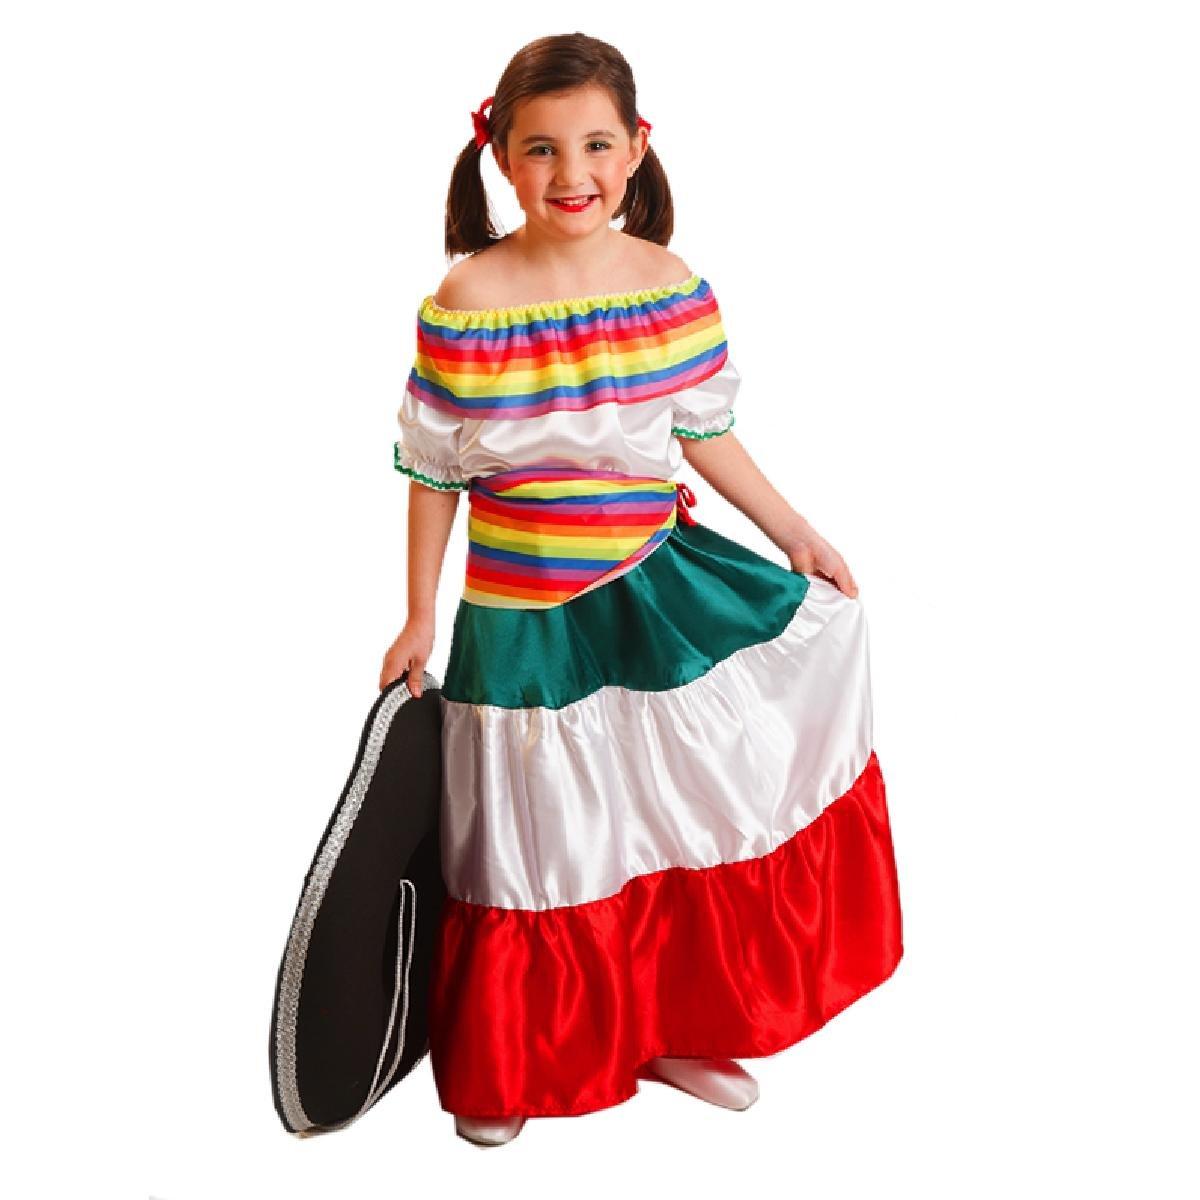 El Rey del Carnaval Disfraz MEJICANA 6/7 AÑOS: Amazon.es: Juguetes ...